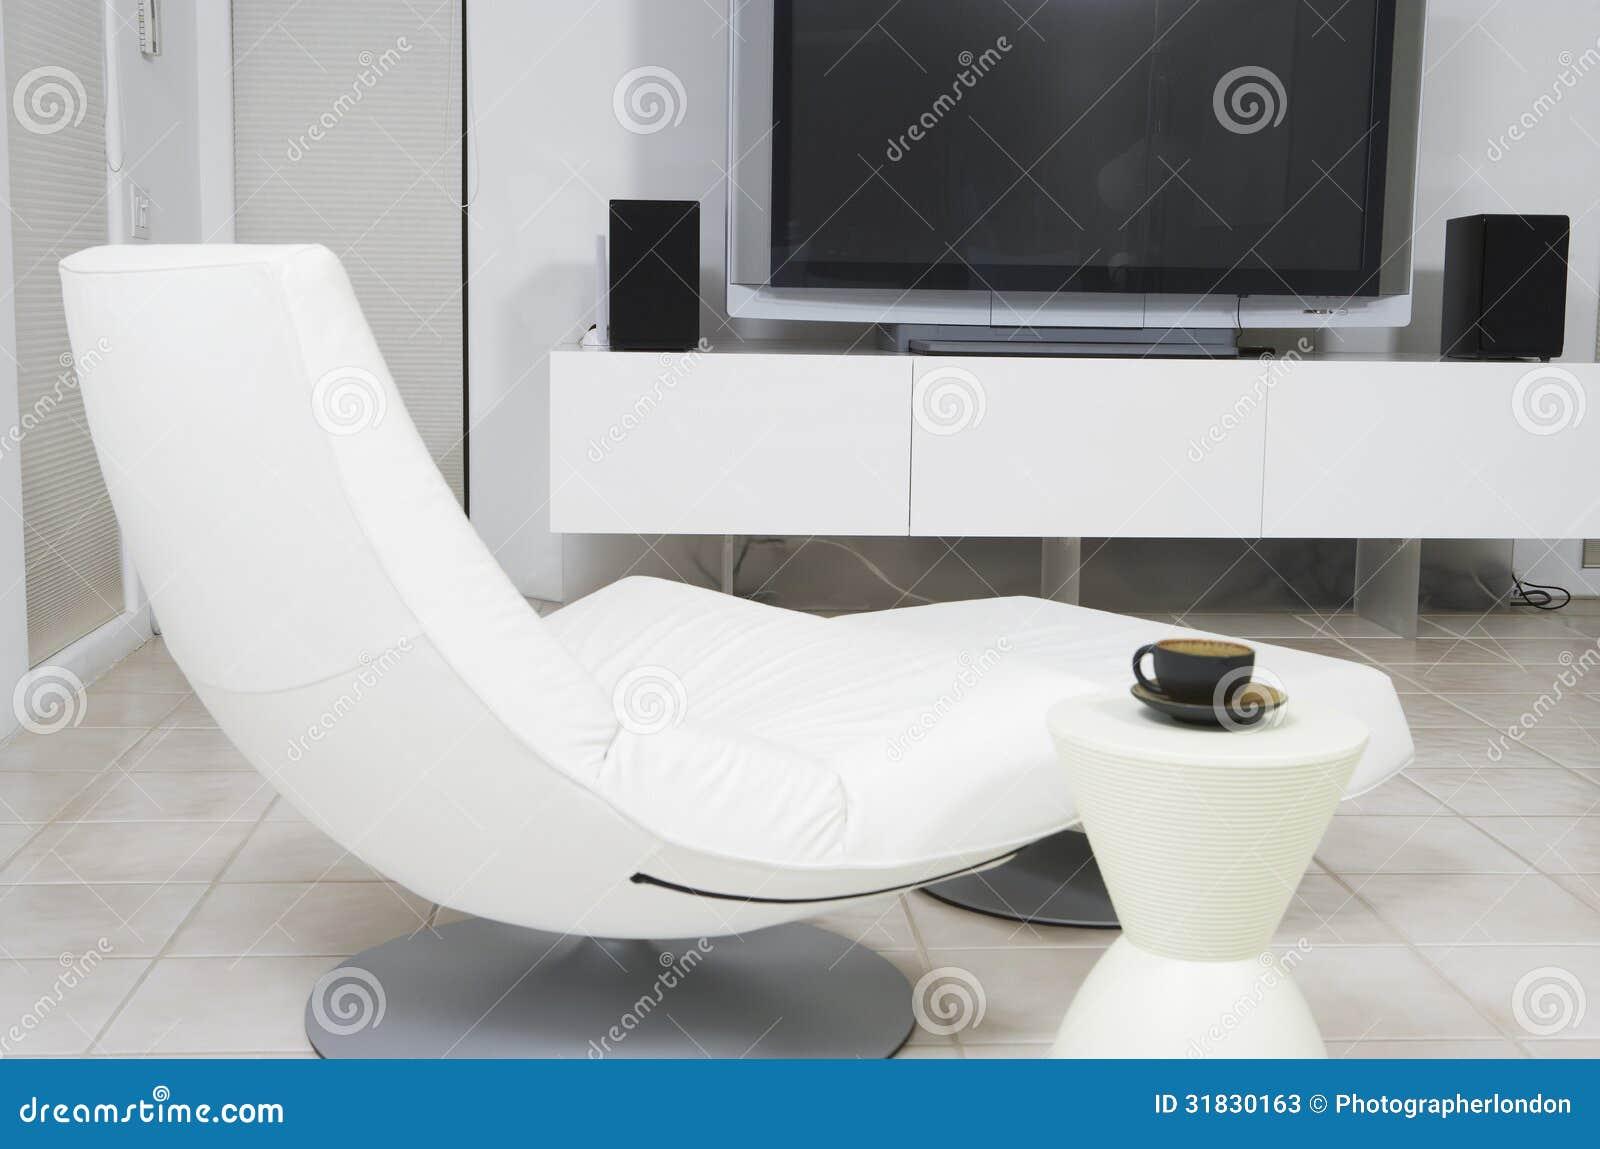 Moderne stoel en vlakke het schermtelevisie in woonkamer for Stoel woonkamer